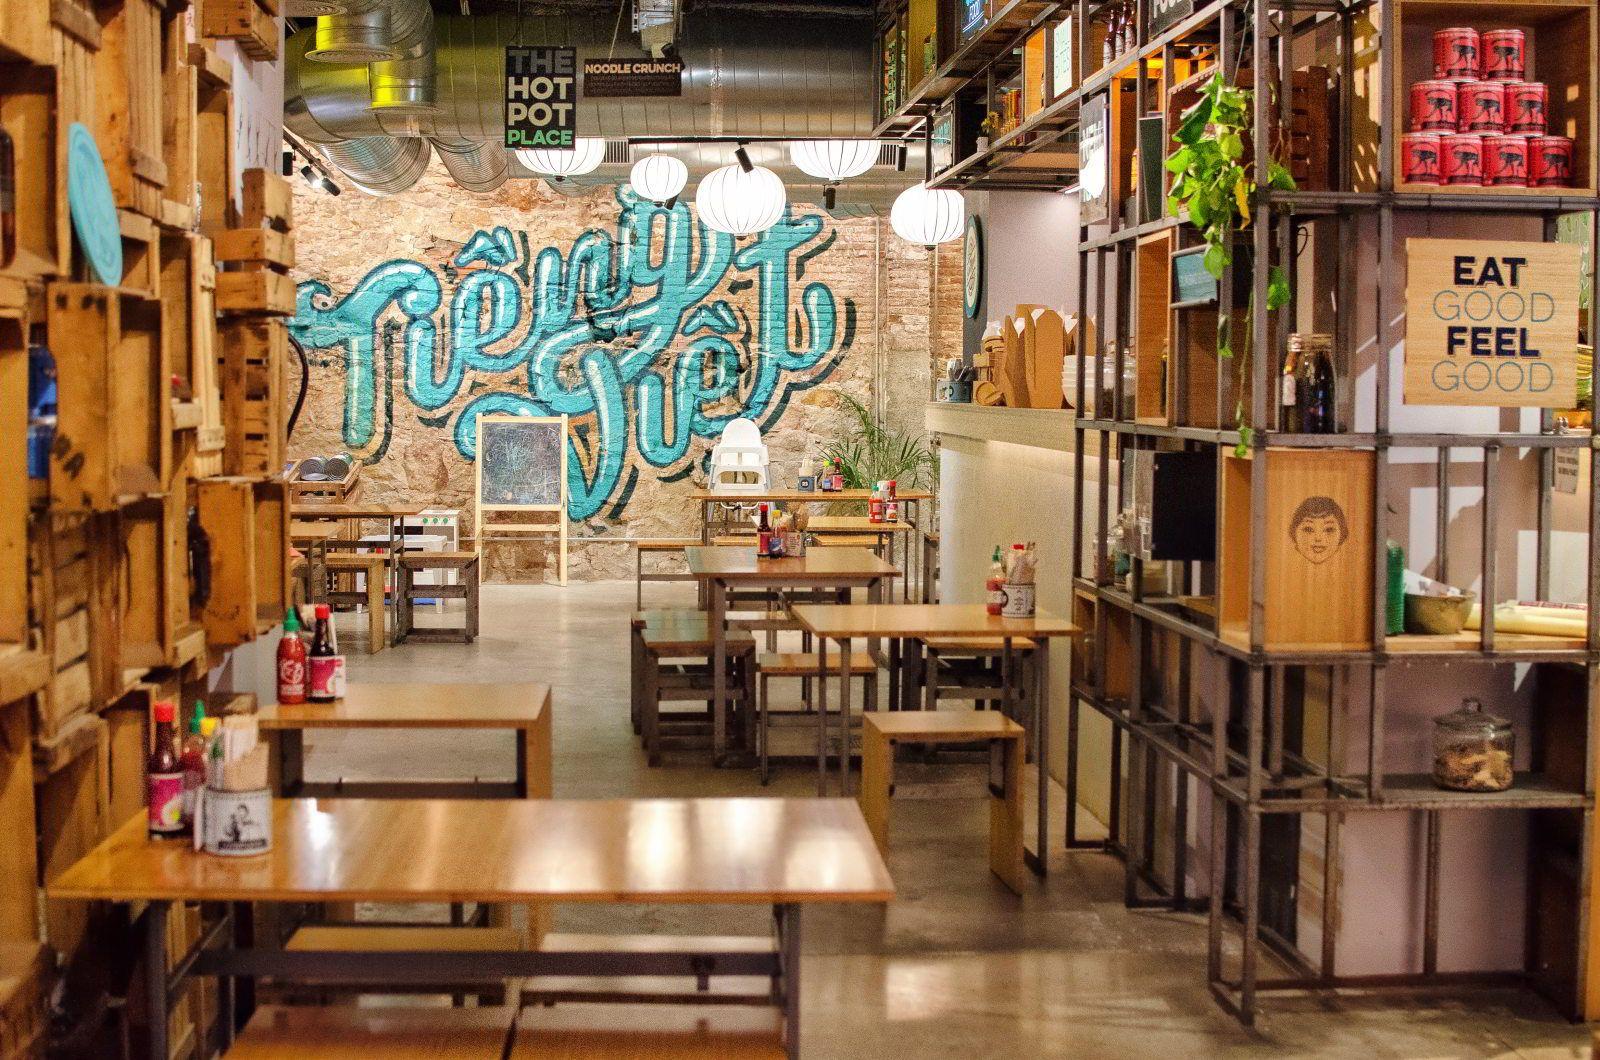 La Vietnamita Sant Antoni Best Vietnamese Restaurant In Barcelona Vietnamese Restaurant Restaurant Deli Food